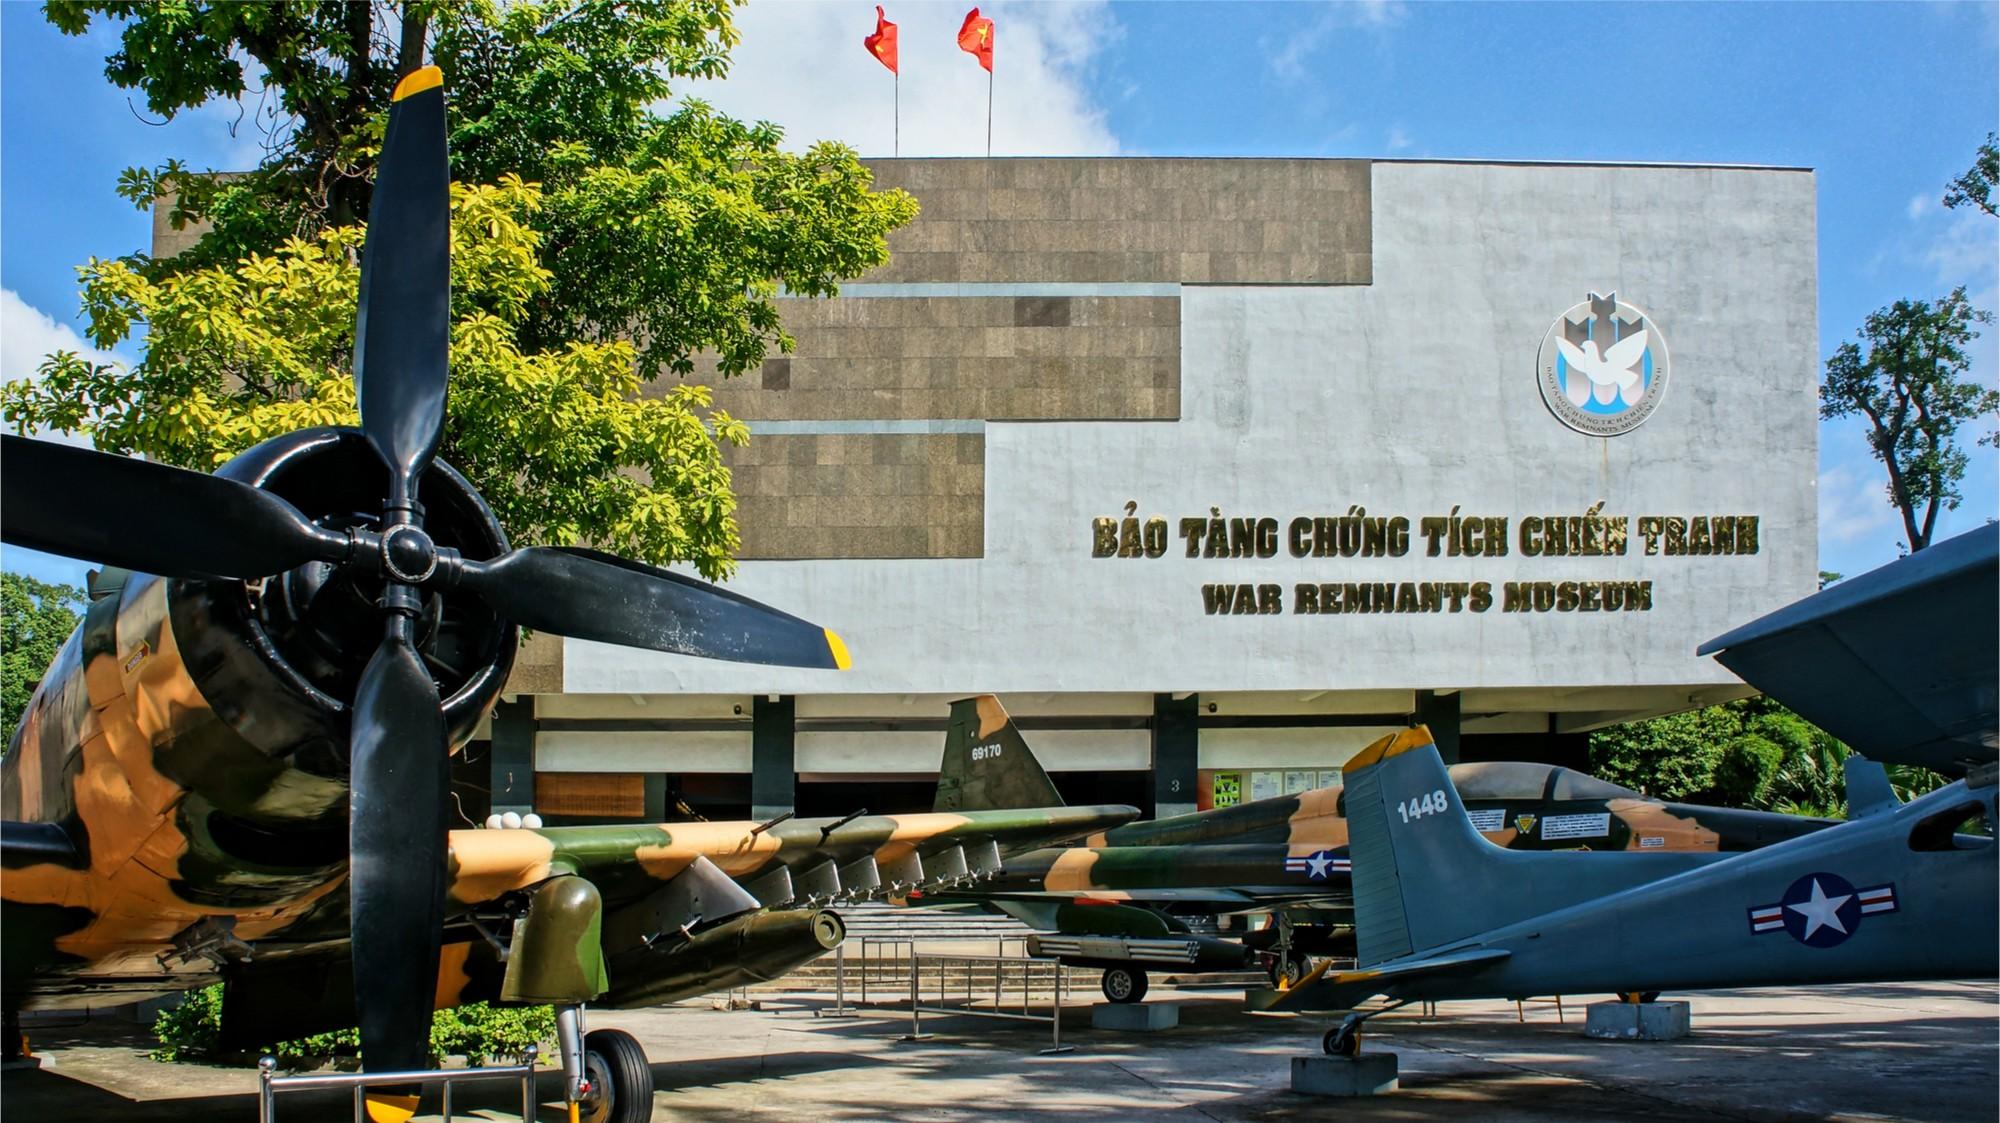 Bảo tàng Chứng Tích Chiến Tranh. Hình: Sưu tầm